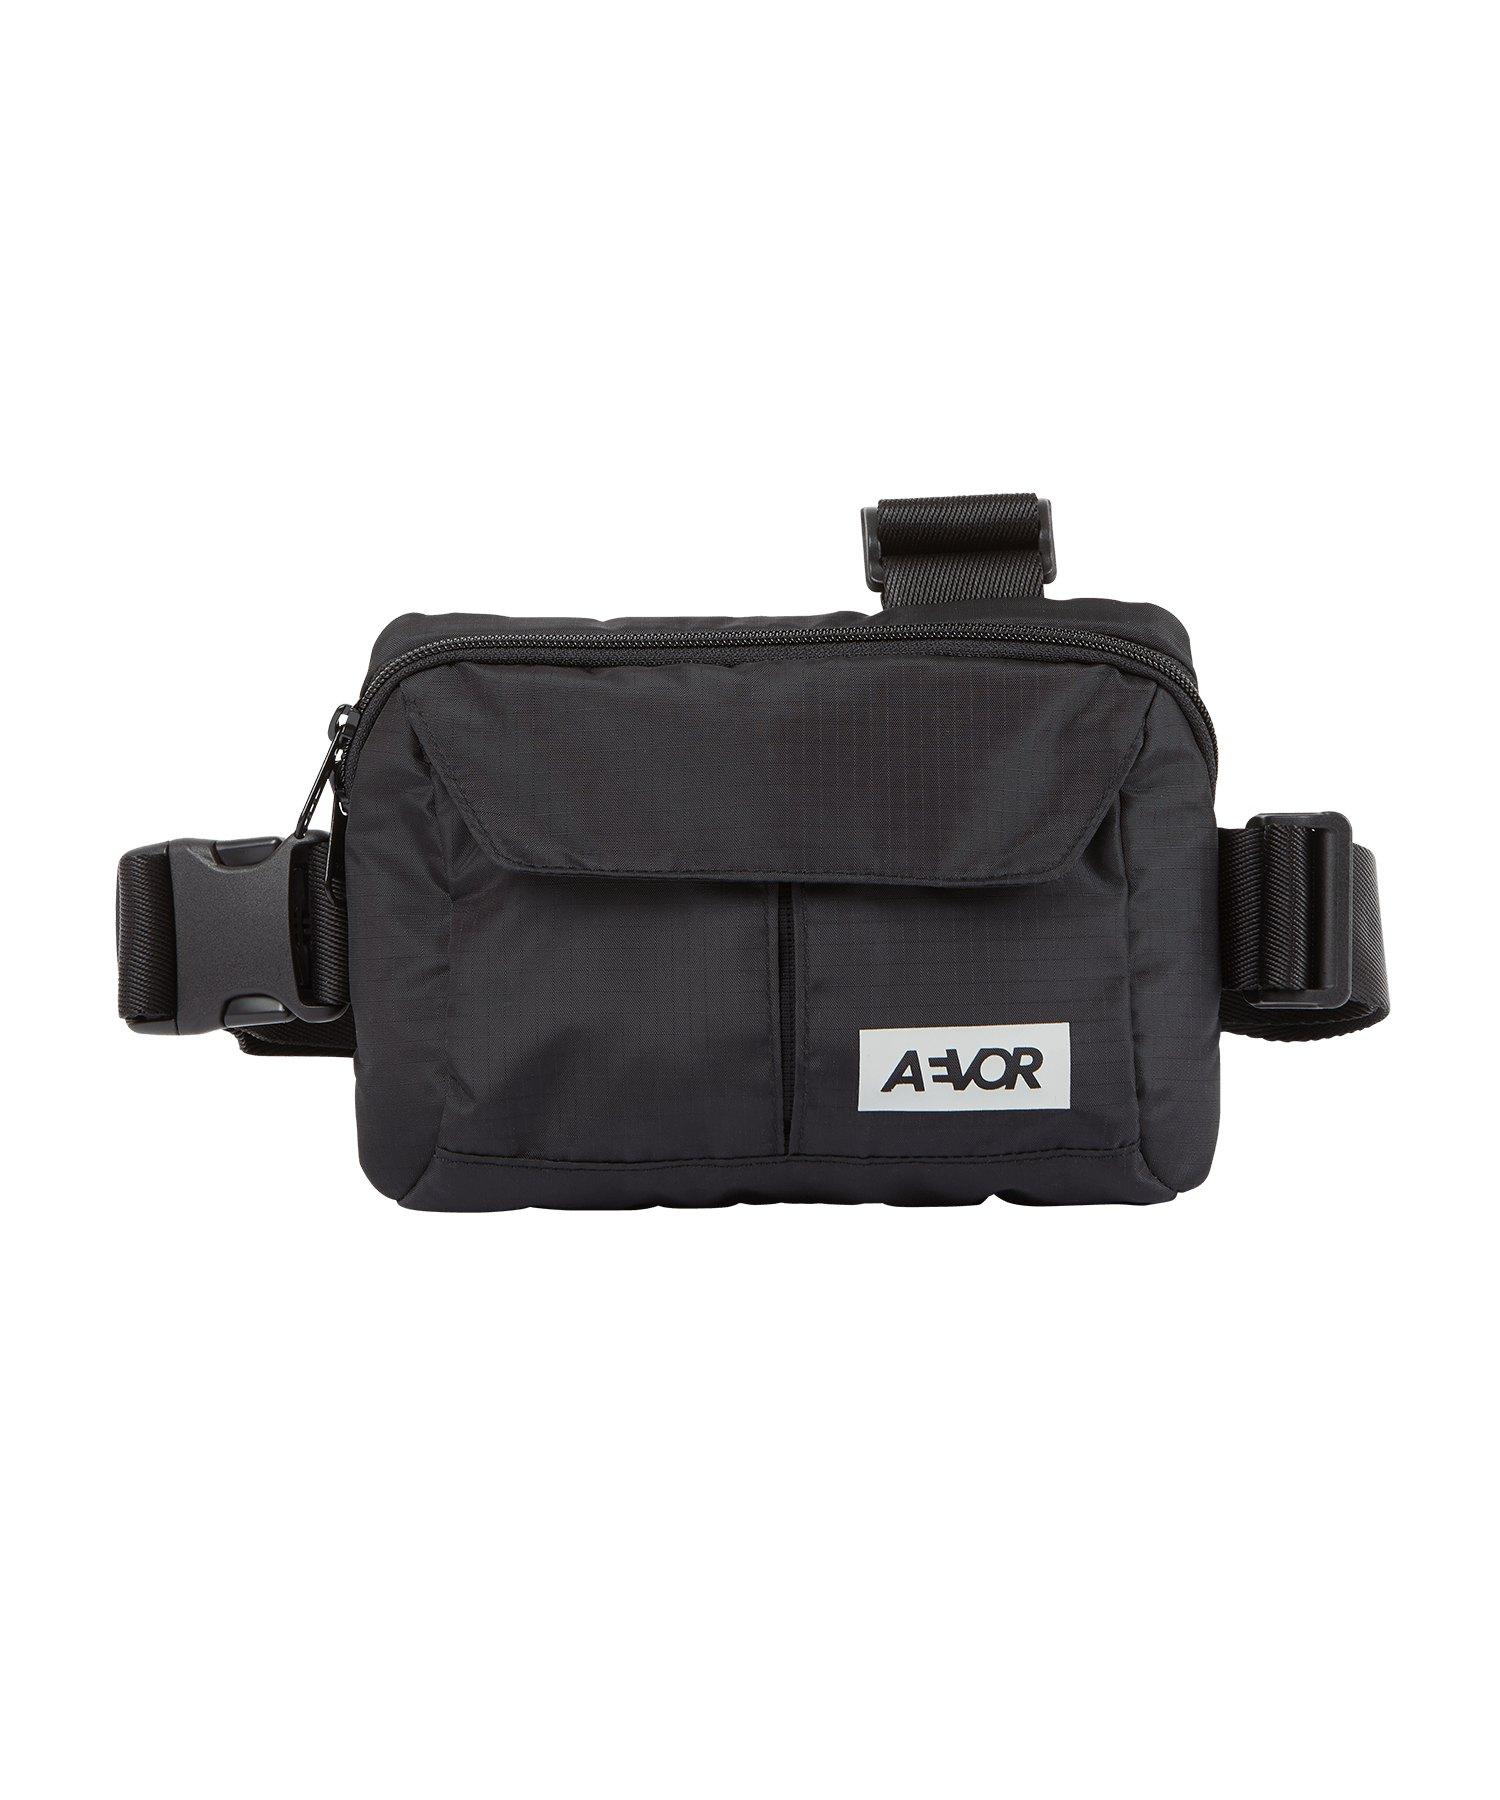 AEVOR Frontpack Tasche Schwarz F801A - schwarz